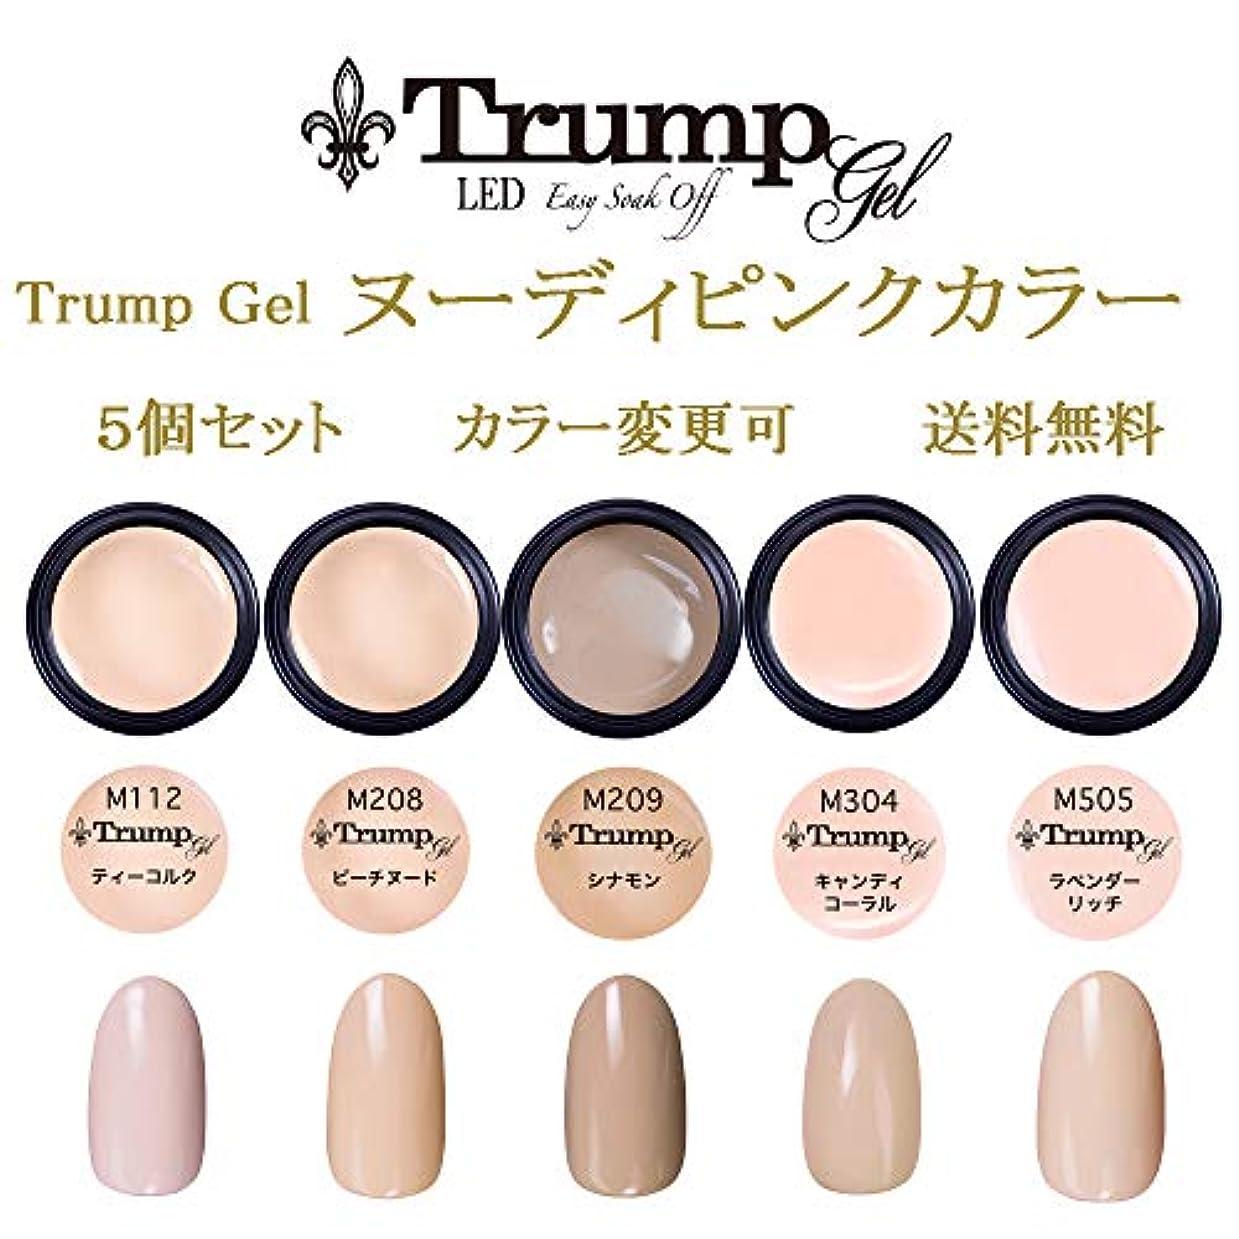 きれいに俳優然とした日本製 Trump gel トランプジェル ヌーディピンク 選べる カラージェル 5個セット ピンク ベージュ ヌーディカラー